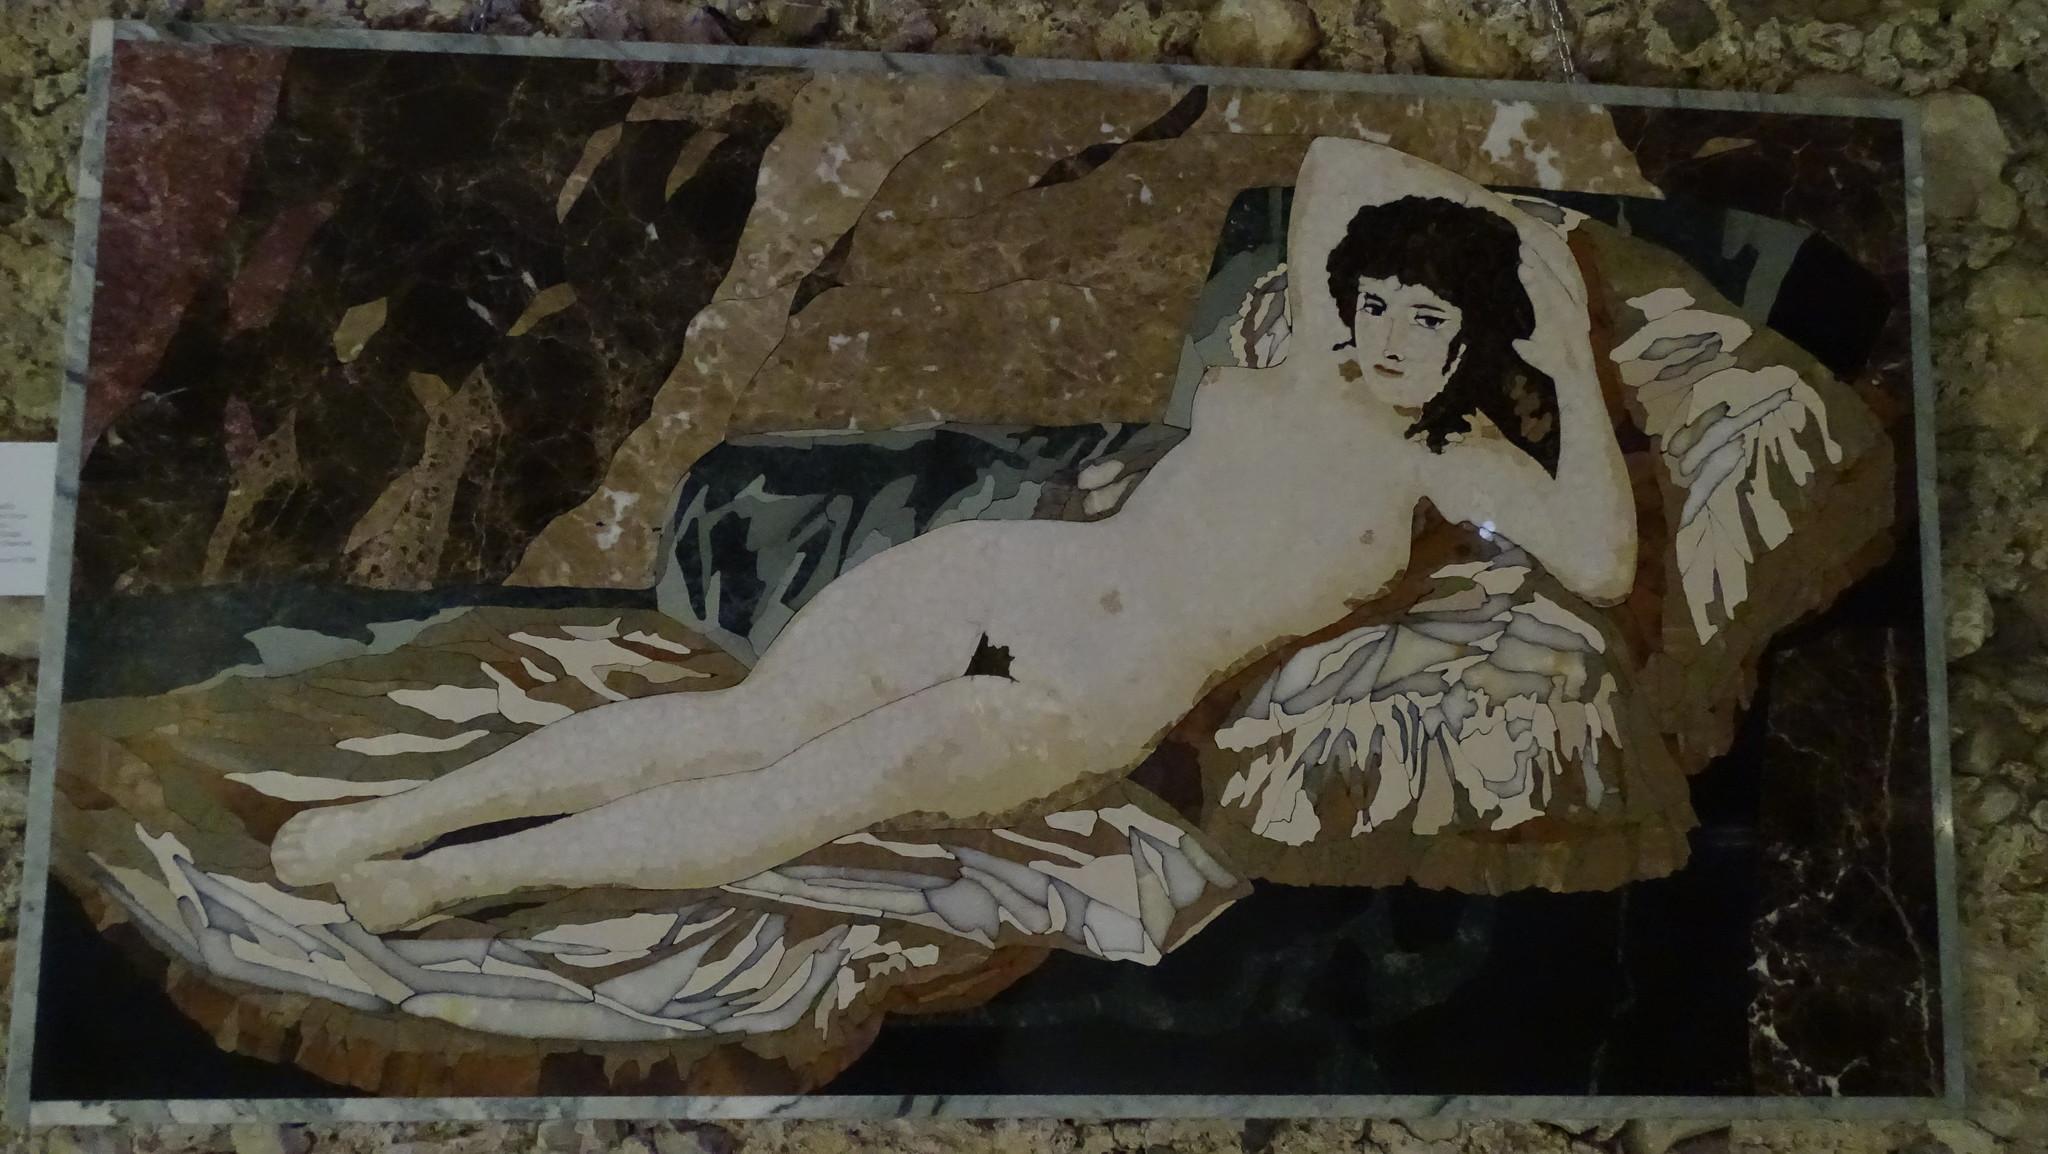 La pittura di pietra, dell'artista Enrico Pinto.